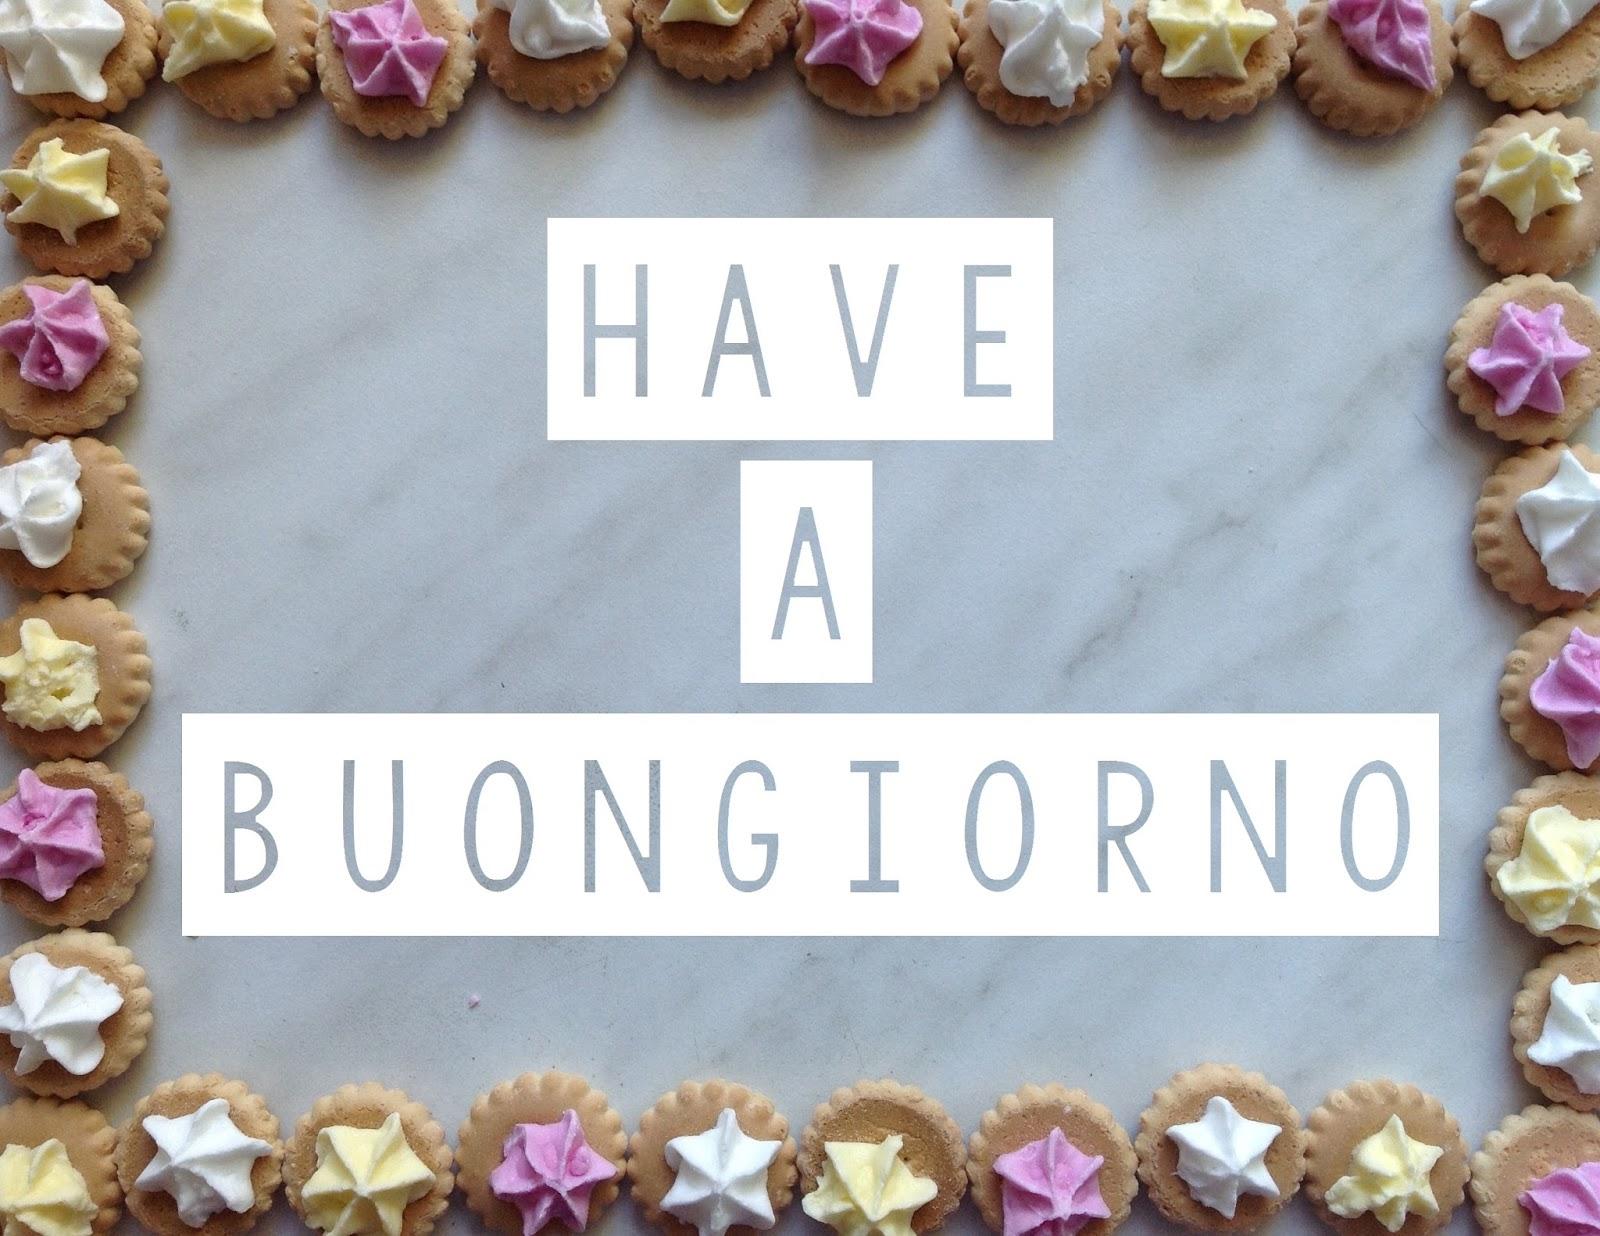 Have a buongiorno